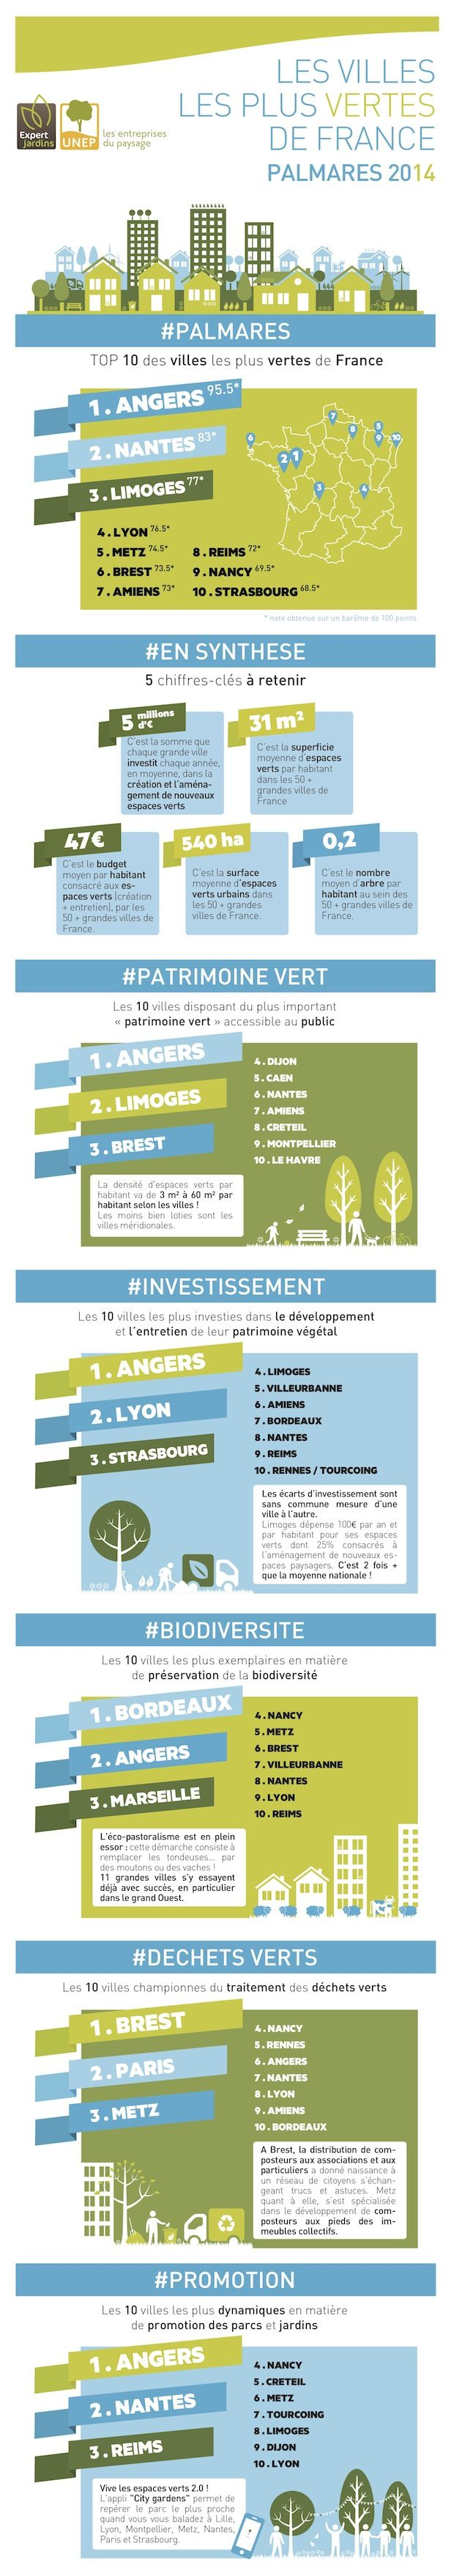 [Infographie] Top 10 des villes les plus vertes de France - Environnement - Les clés de demain - Le Monde.fr / IBM